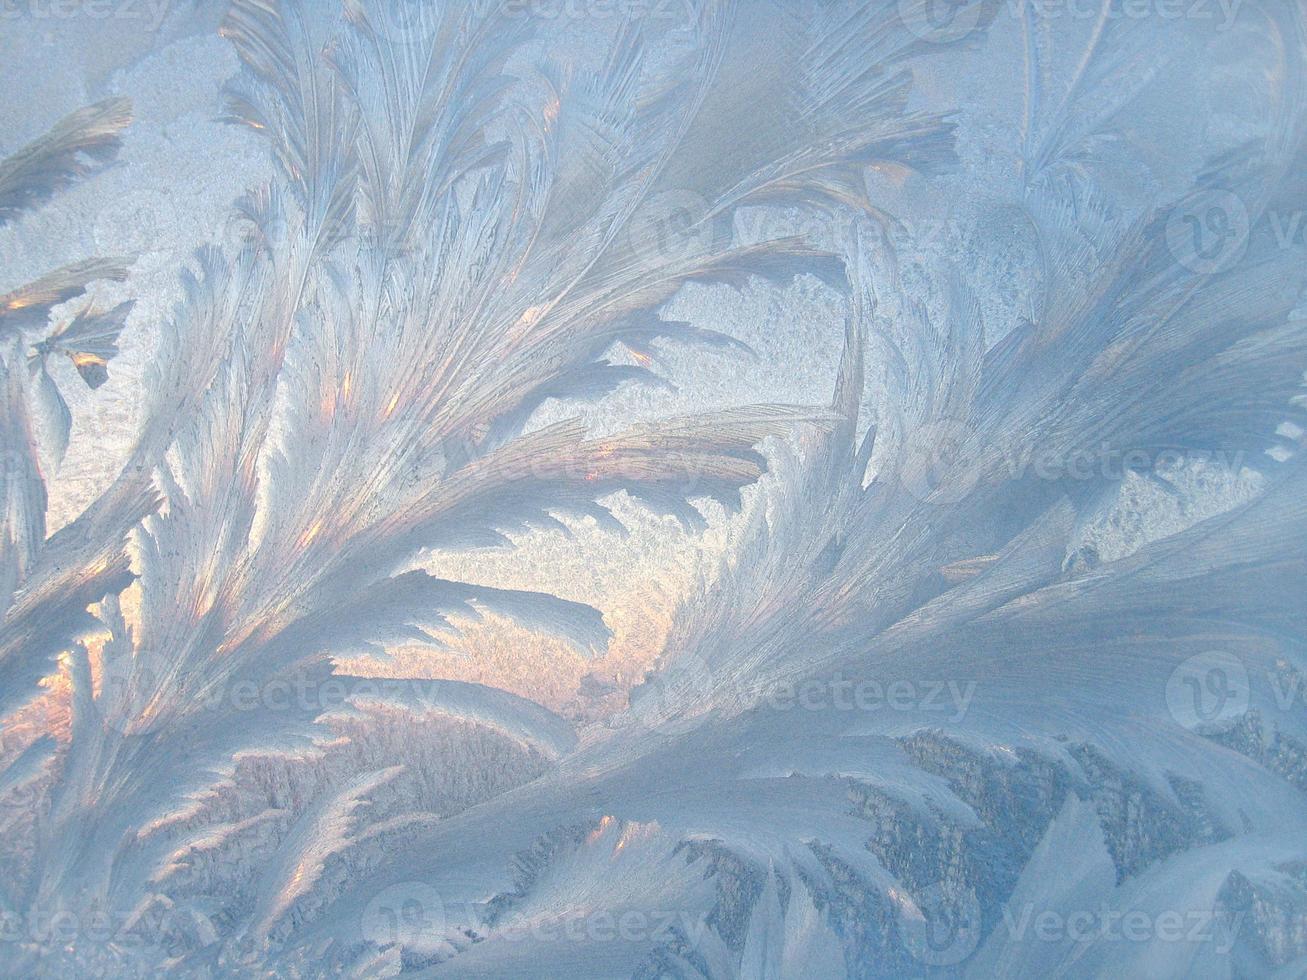 motif de glace sur le verre d'hiver photo